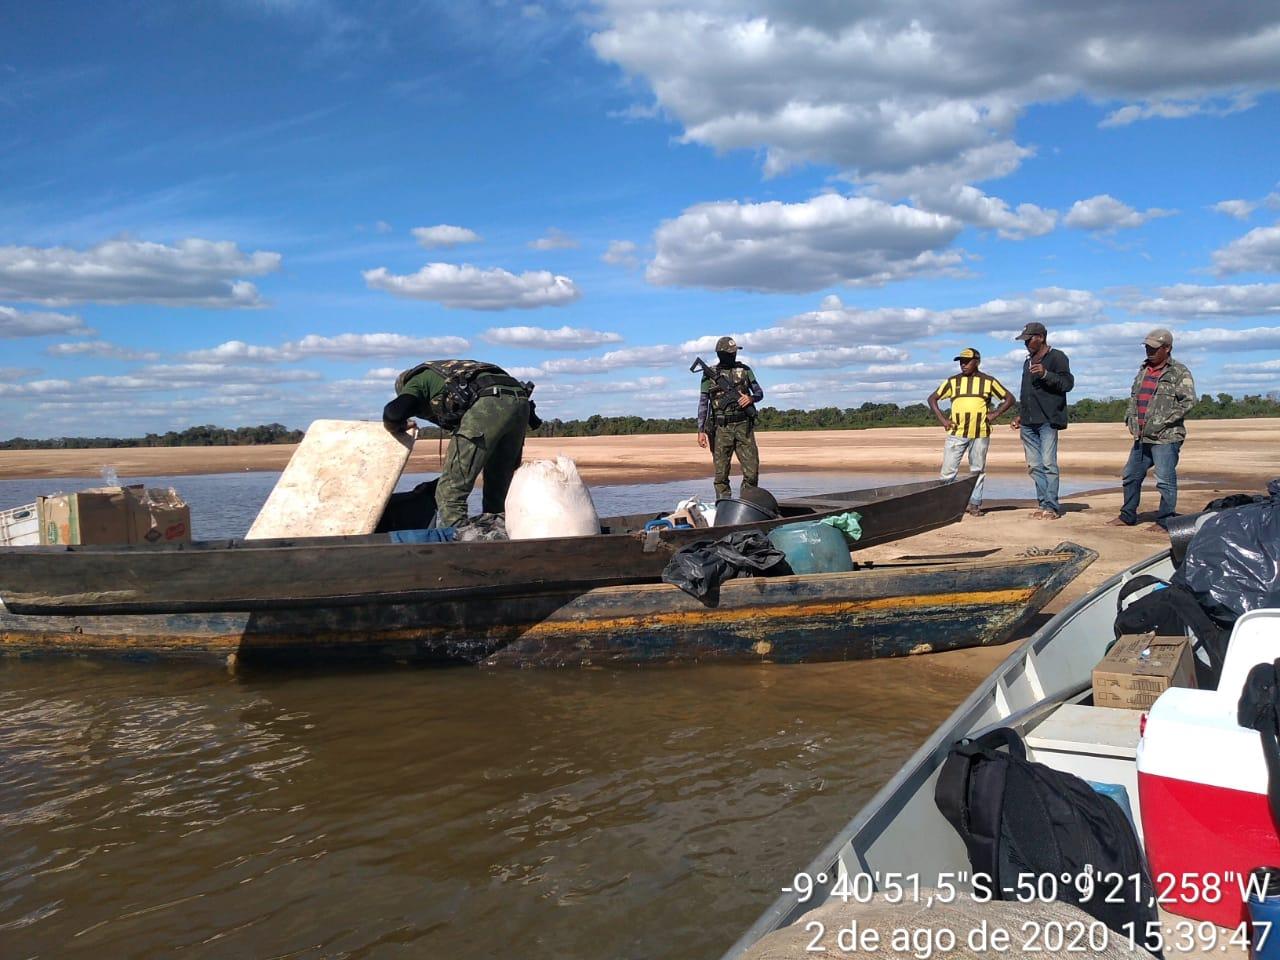 Patrulhamento no Parque Estadual do Cantão apreende redes, armadilhas, peixes e até arma de fogo